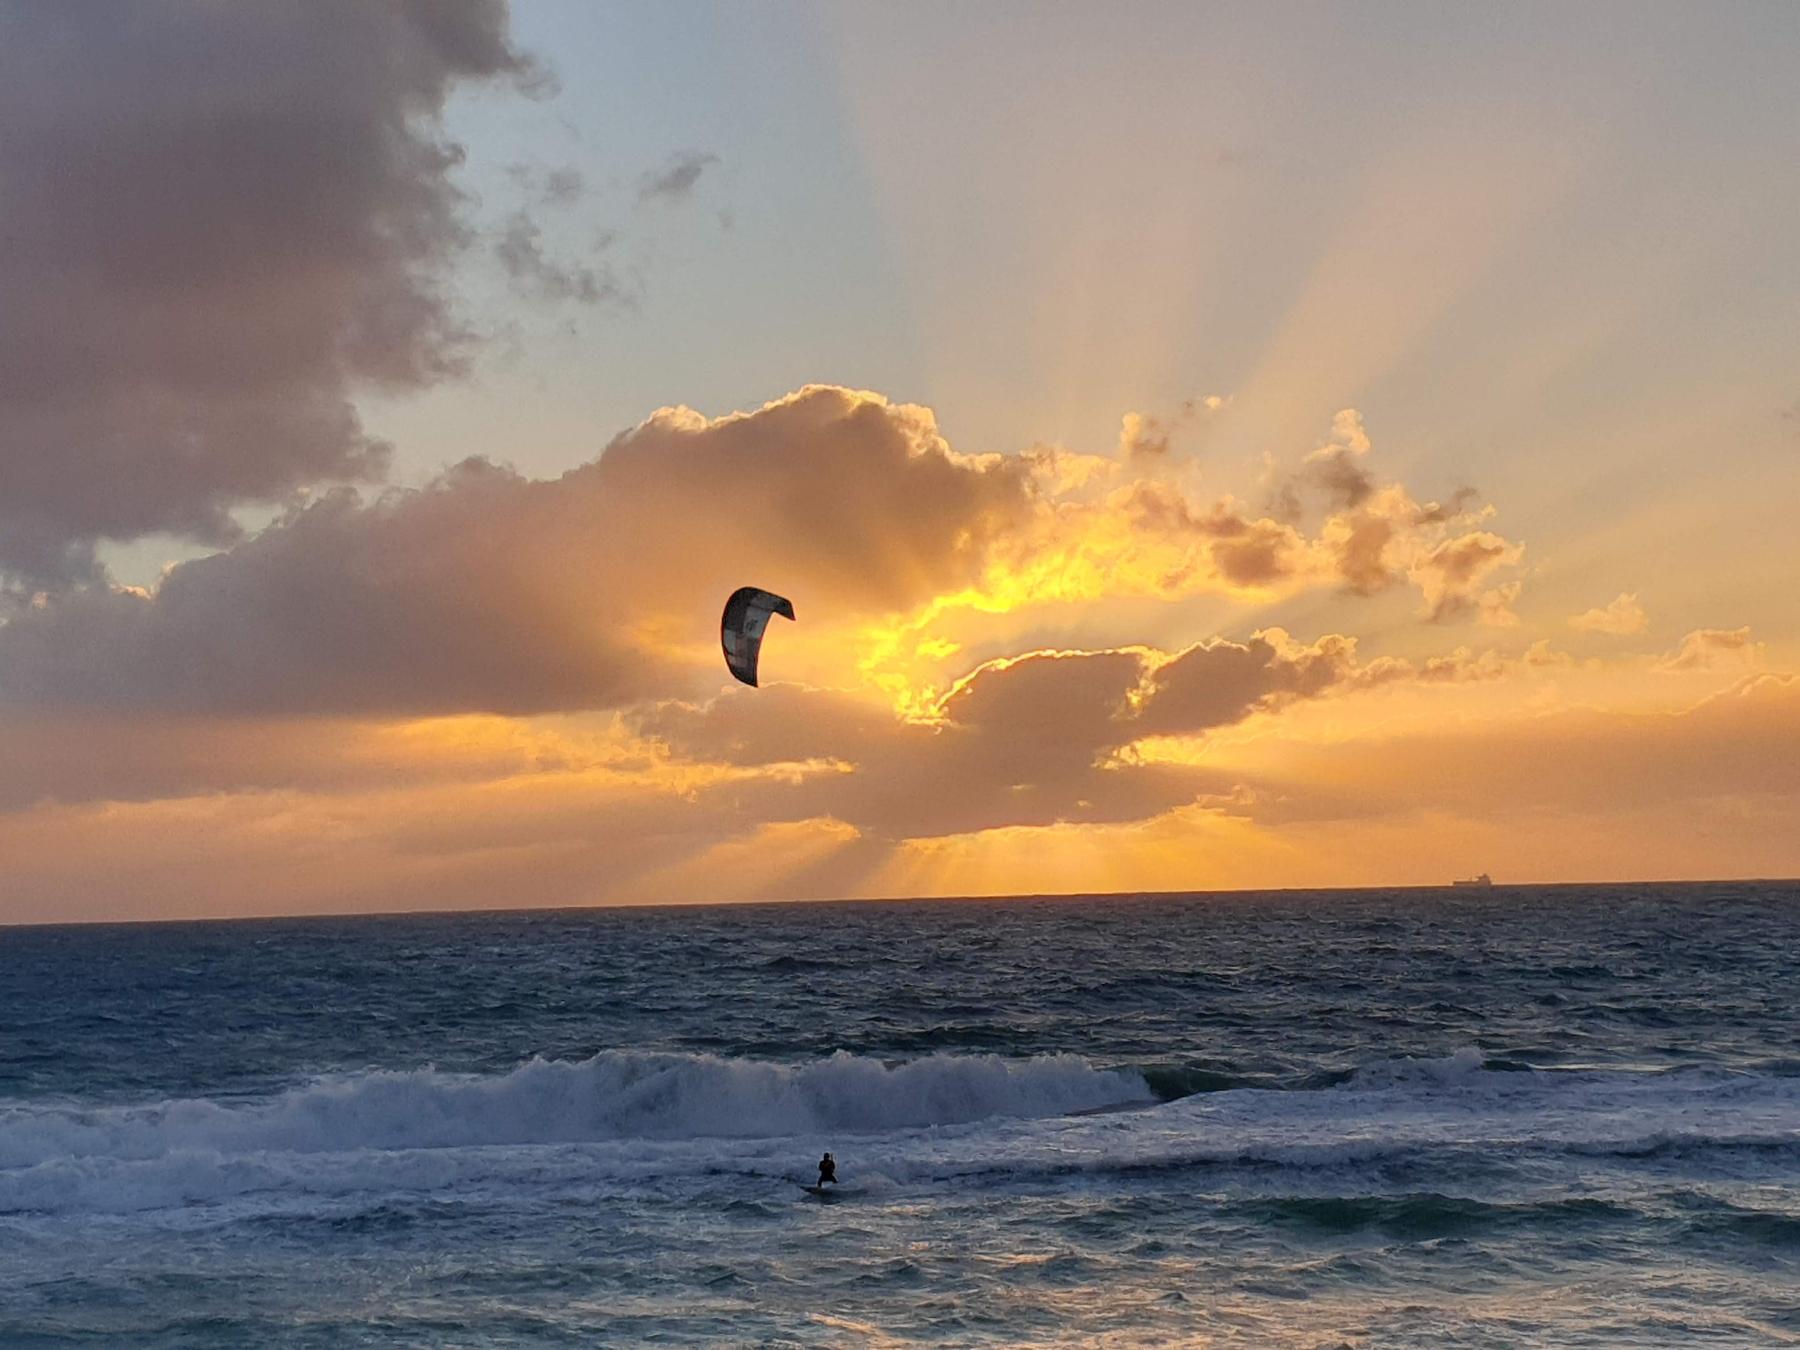 A windsurfer catches a wave off a beach in Western Australia